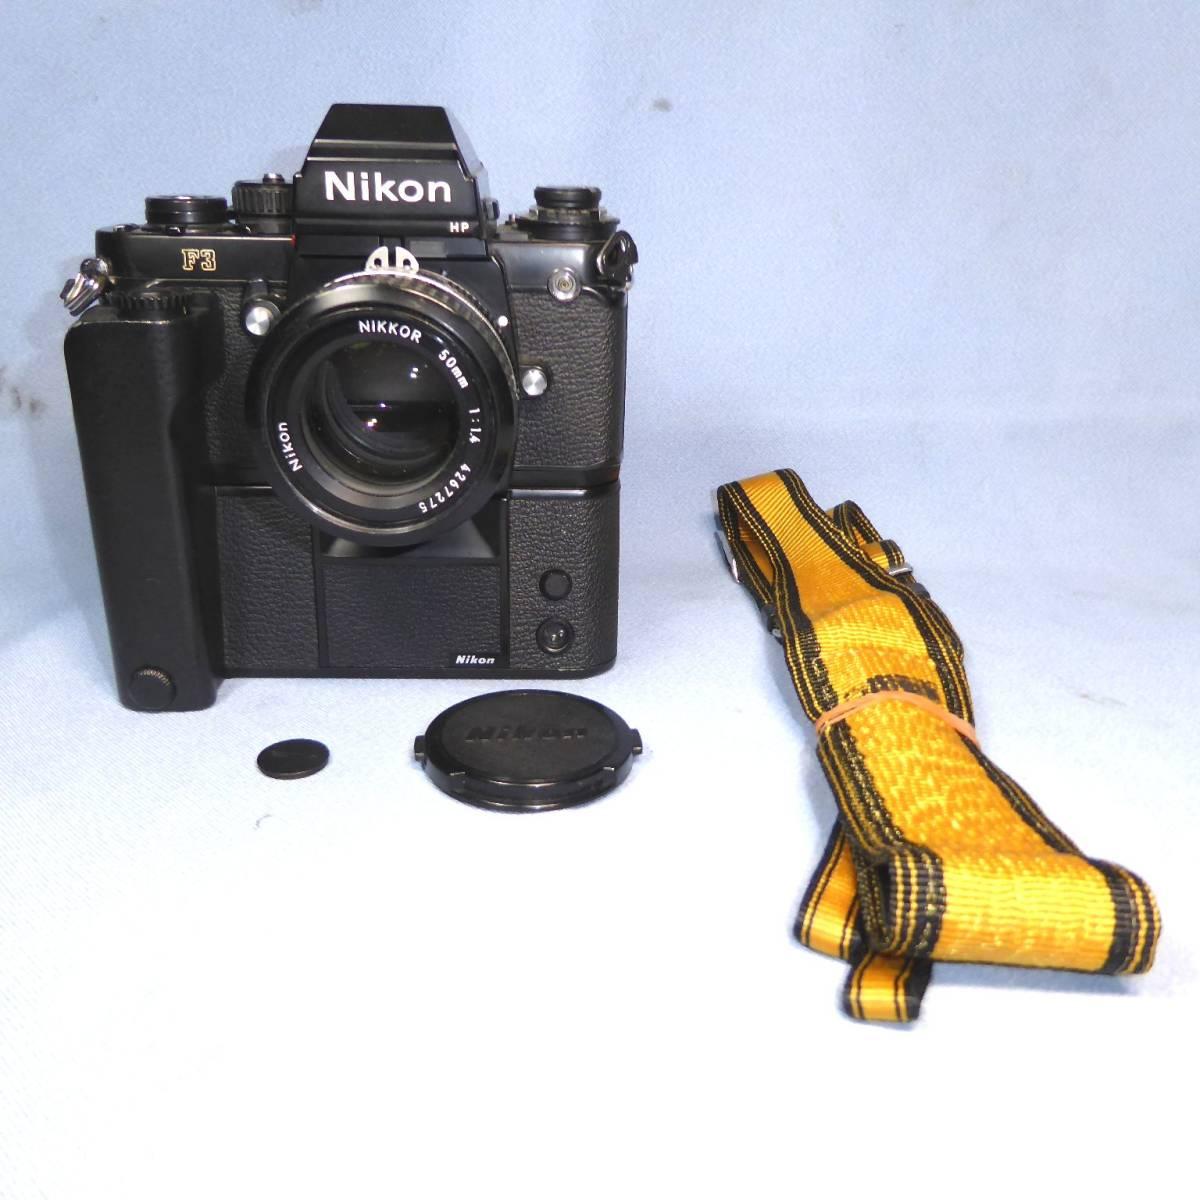 ★  綺麗  諸動作快調  ★   NIKON    F 3  HP   +   MD - 4   +   NIKKOR   50mm/F1.4   +  NIKON ストラップ